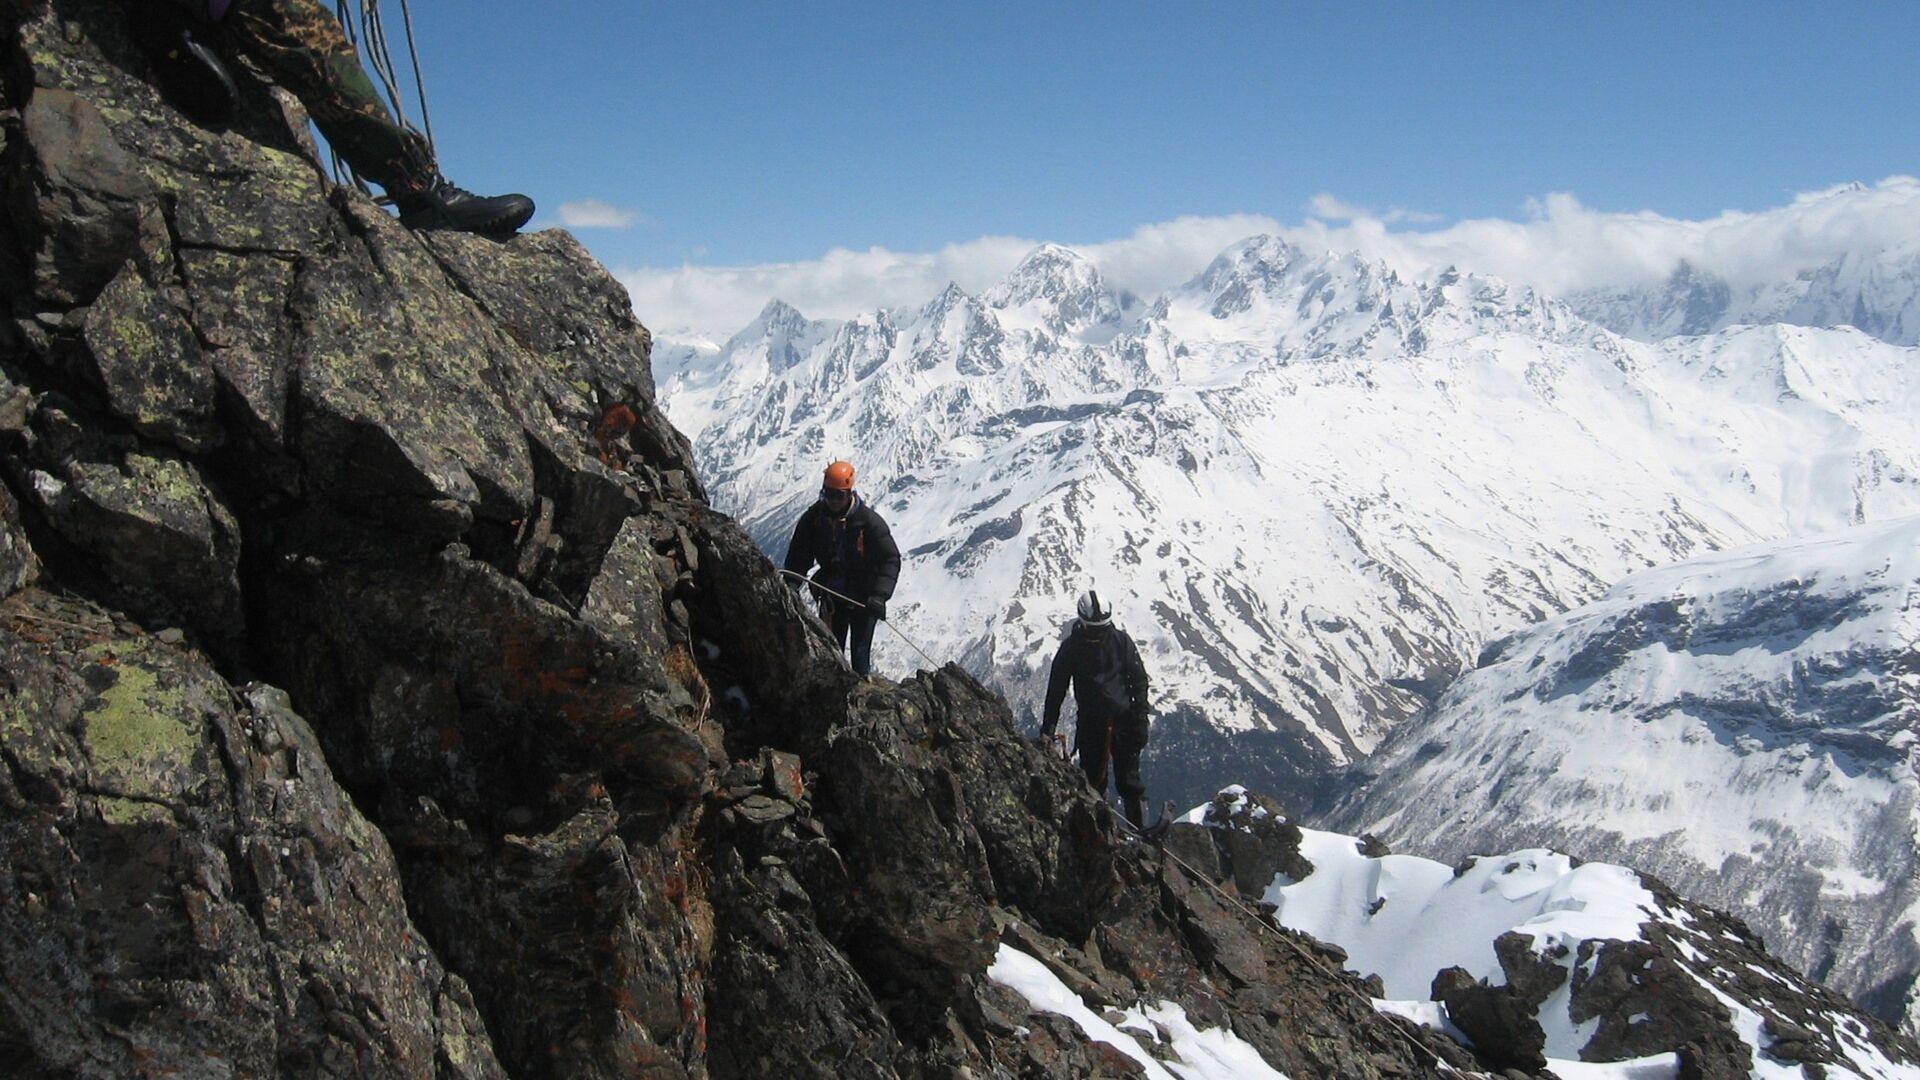 Gli alpinisti salgono verso la cima dell'Elbrus - Sputnik Italia, 1920, 24.09.2021